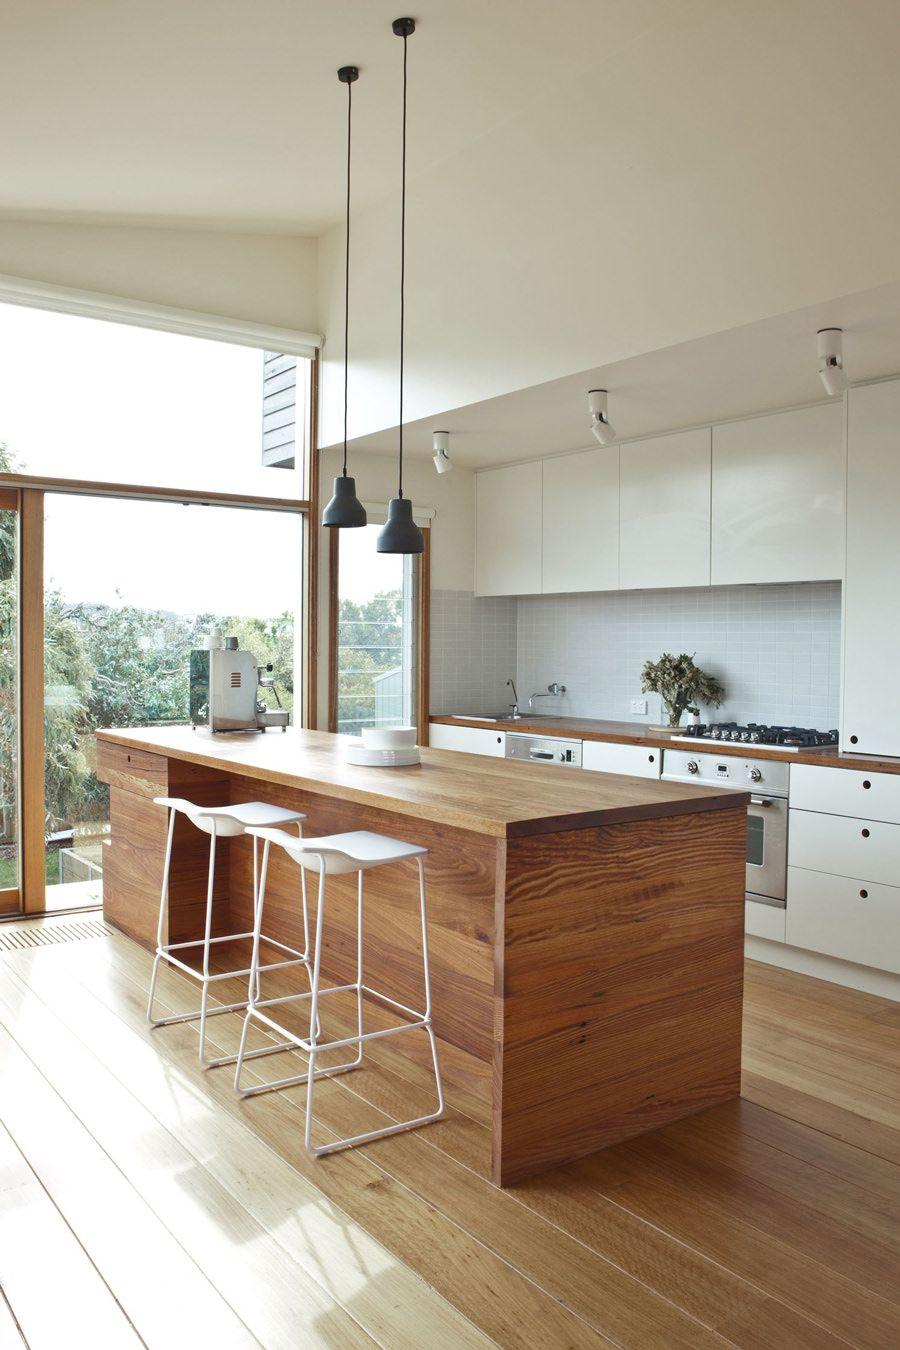 100 idee cucine con isola moderne e funzionali | Arredamento ...